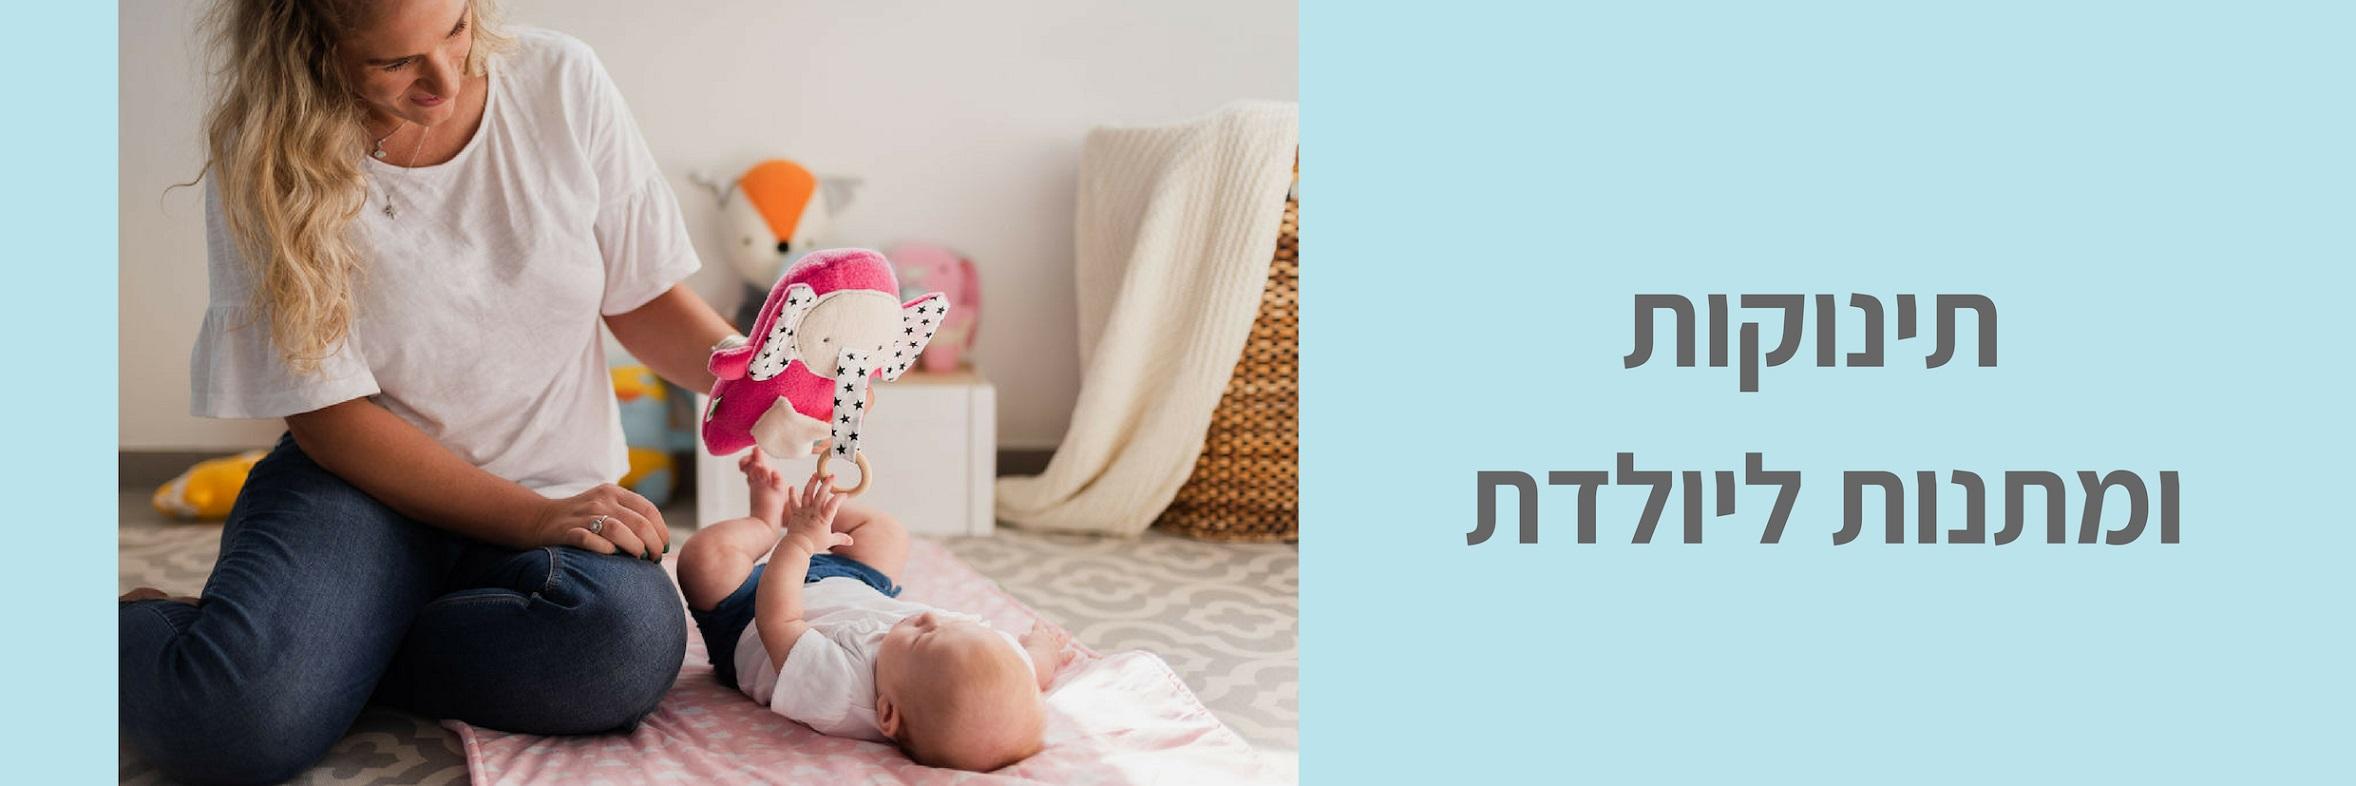 תינוקות ומתנות ליולדת - HappyLI